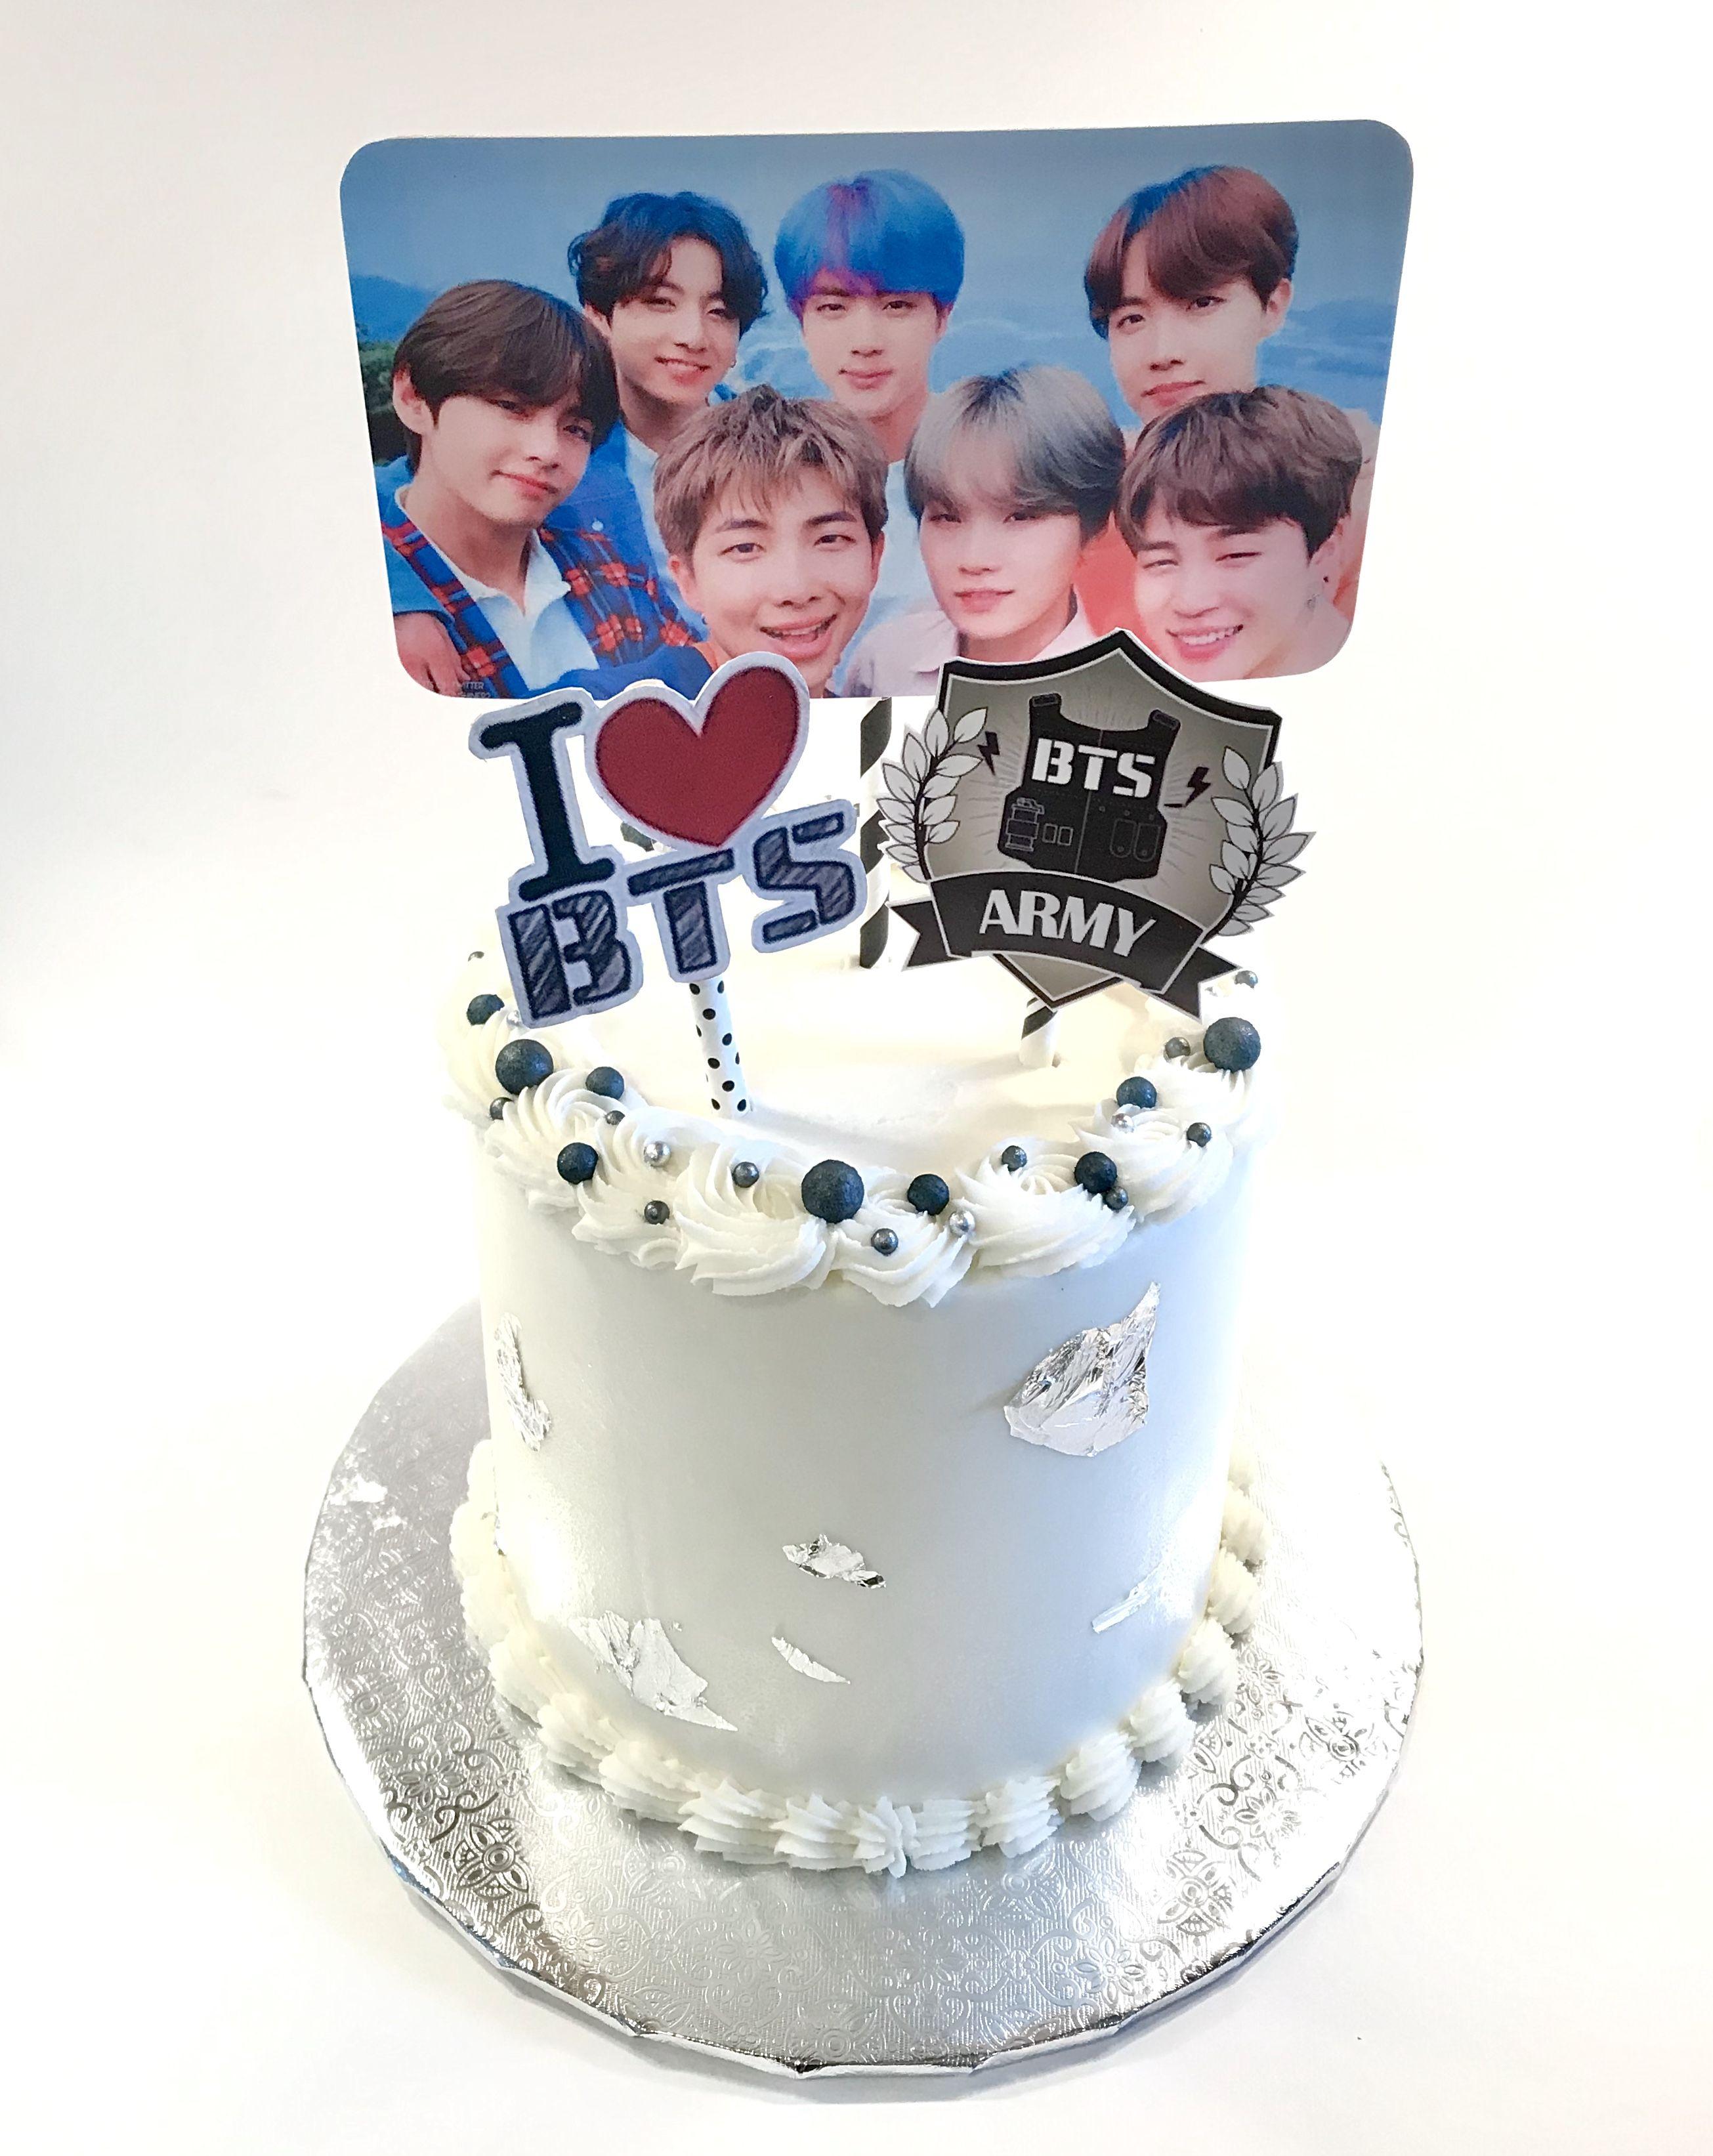 Bts Theme Birthday Cake Bts Cake Bts Birthdays Birthday Cake